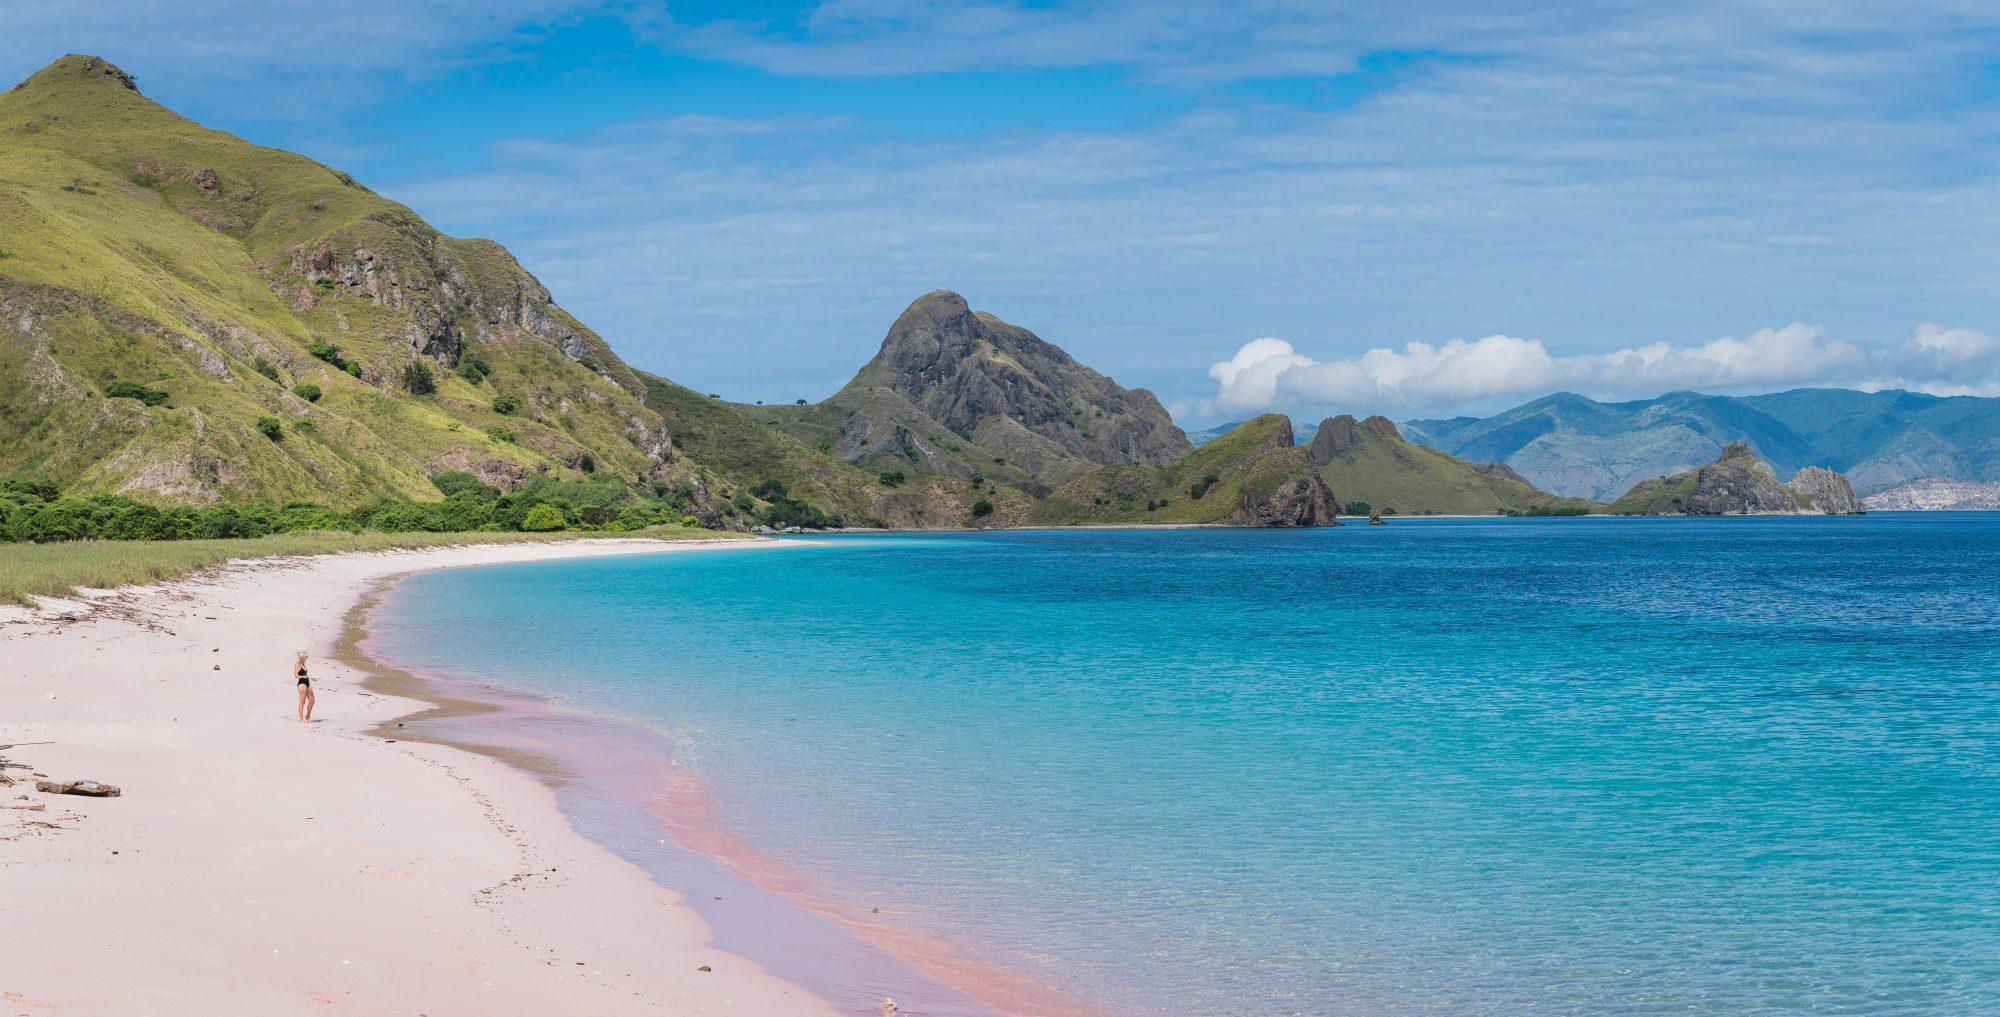 Buceo en Komodo, pink beach